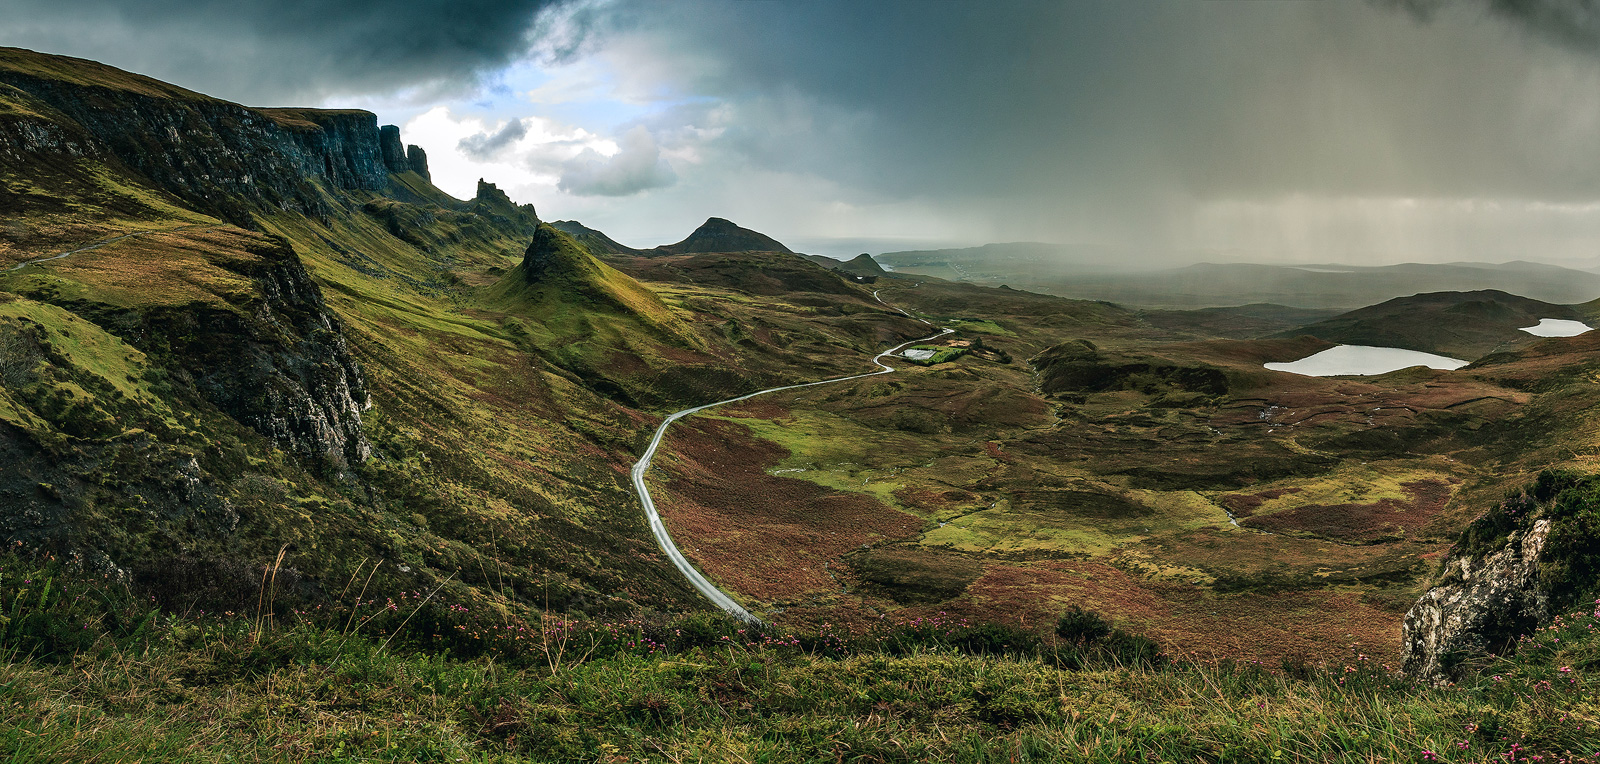 Panorama vom Quiraing, Isle of Skye, Schottland, auf der Jaworskyj-Fotoreise mit Lukas Voegelin